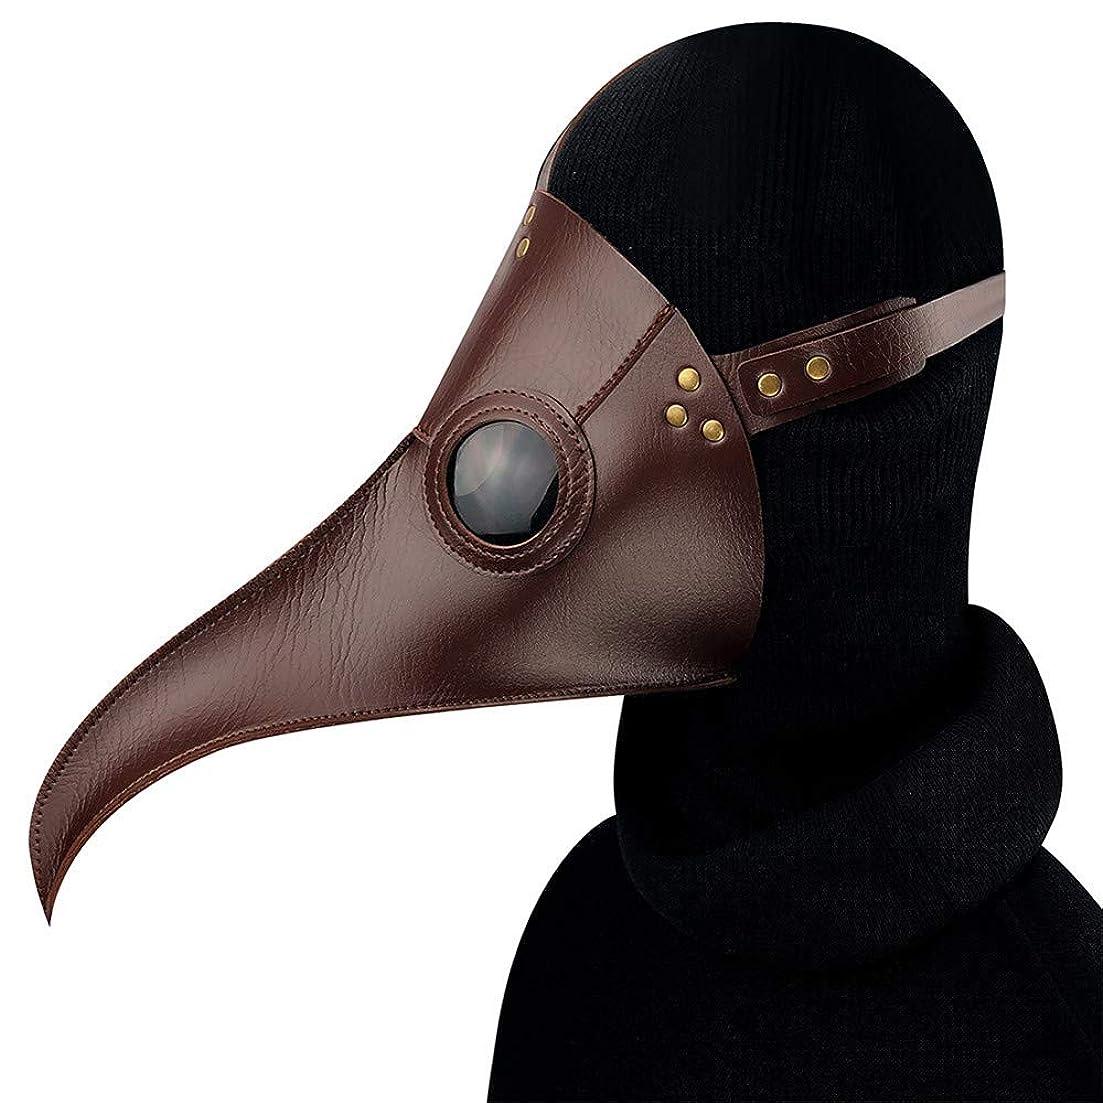 ダーツカード無限ブラウンスチームパンクペストロングバード口マスクハロウィンプロップギフトロング鼻バードマスク